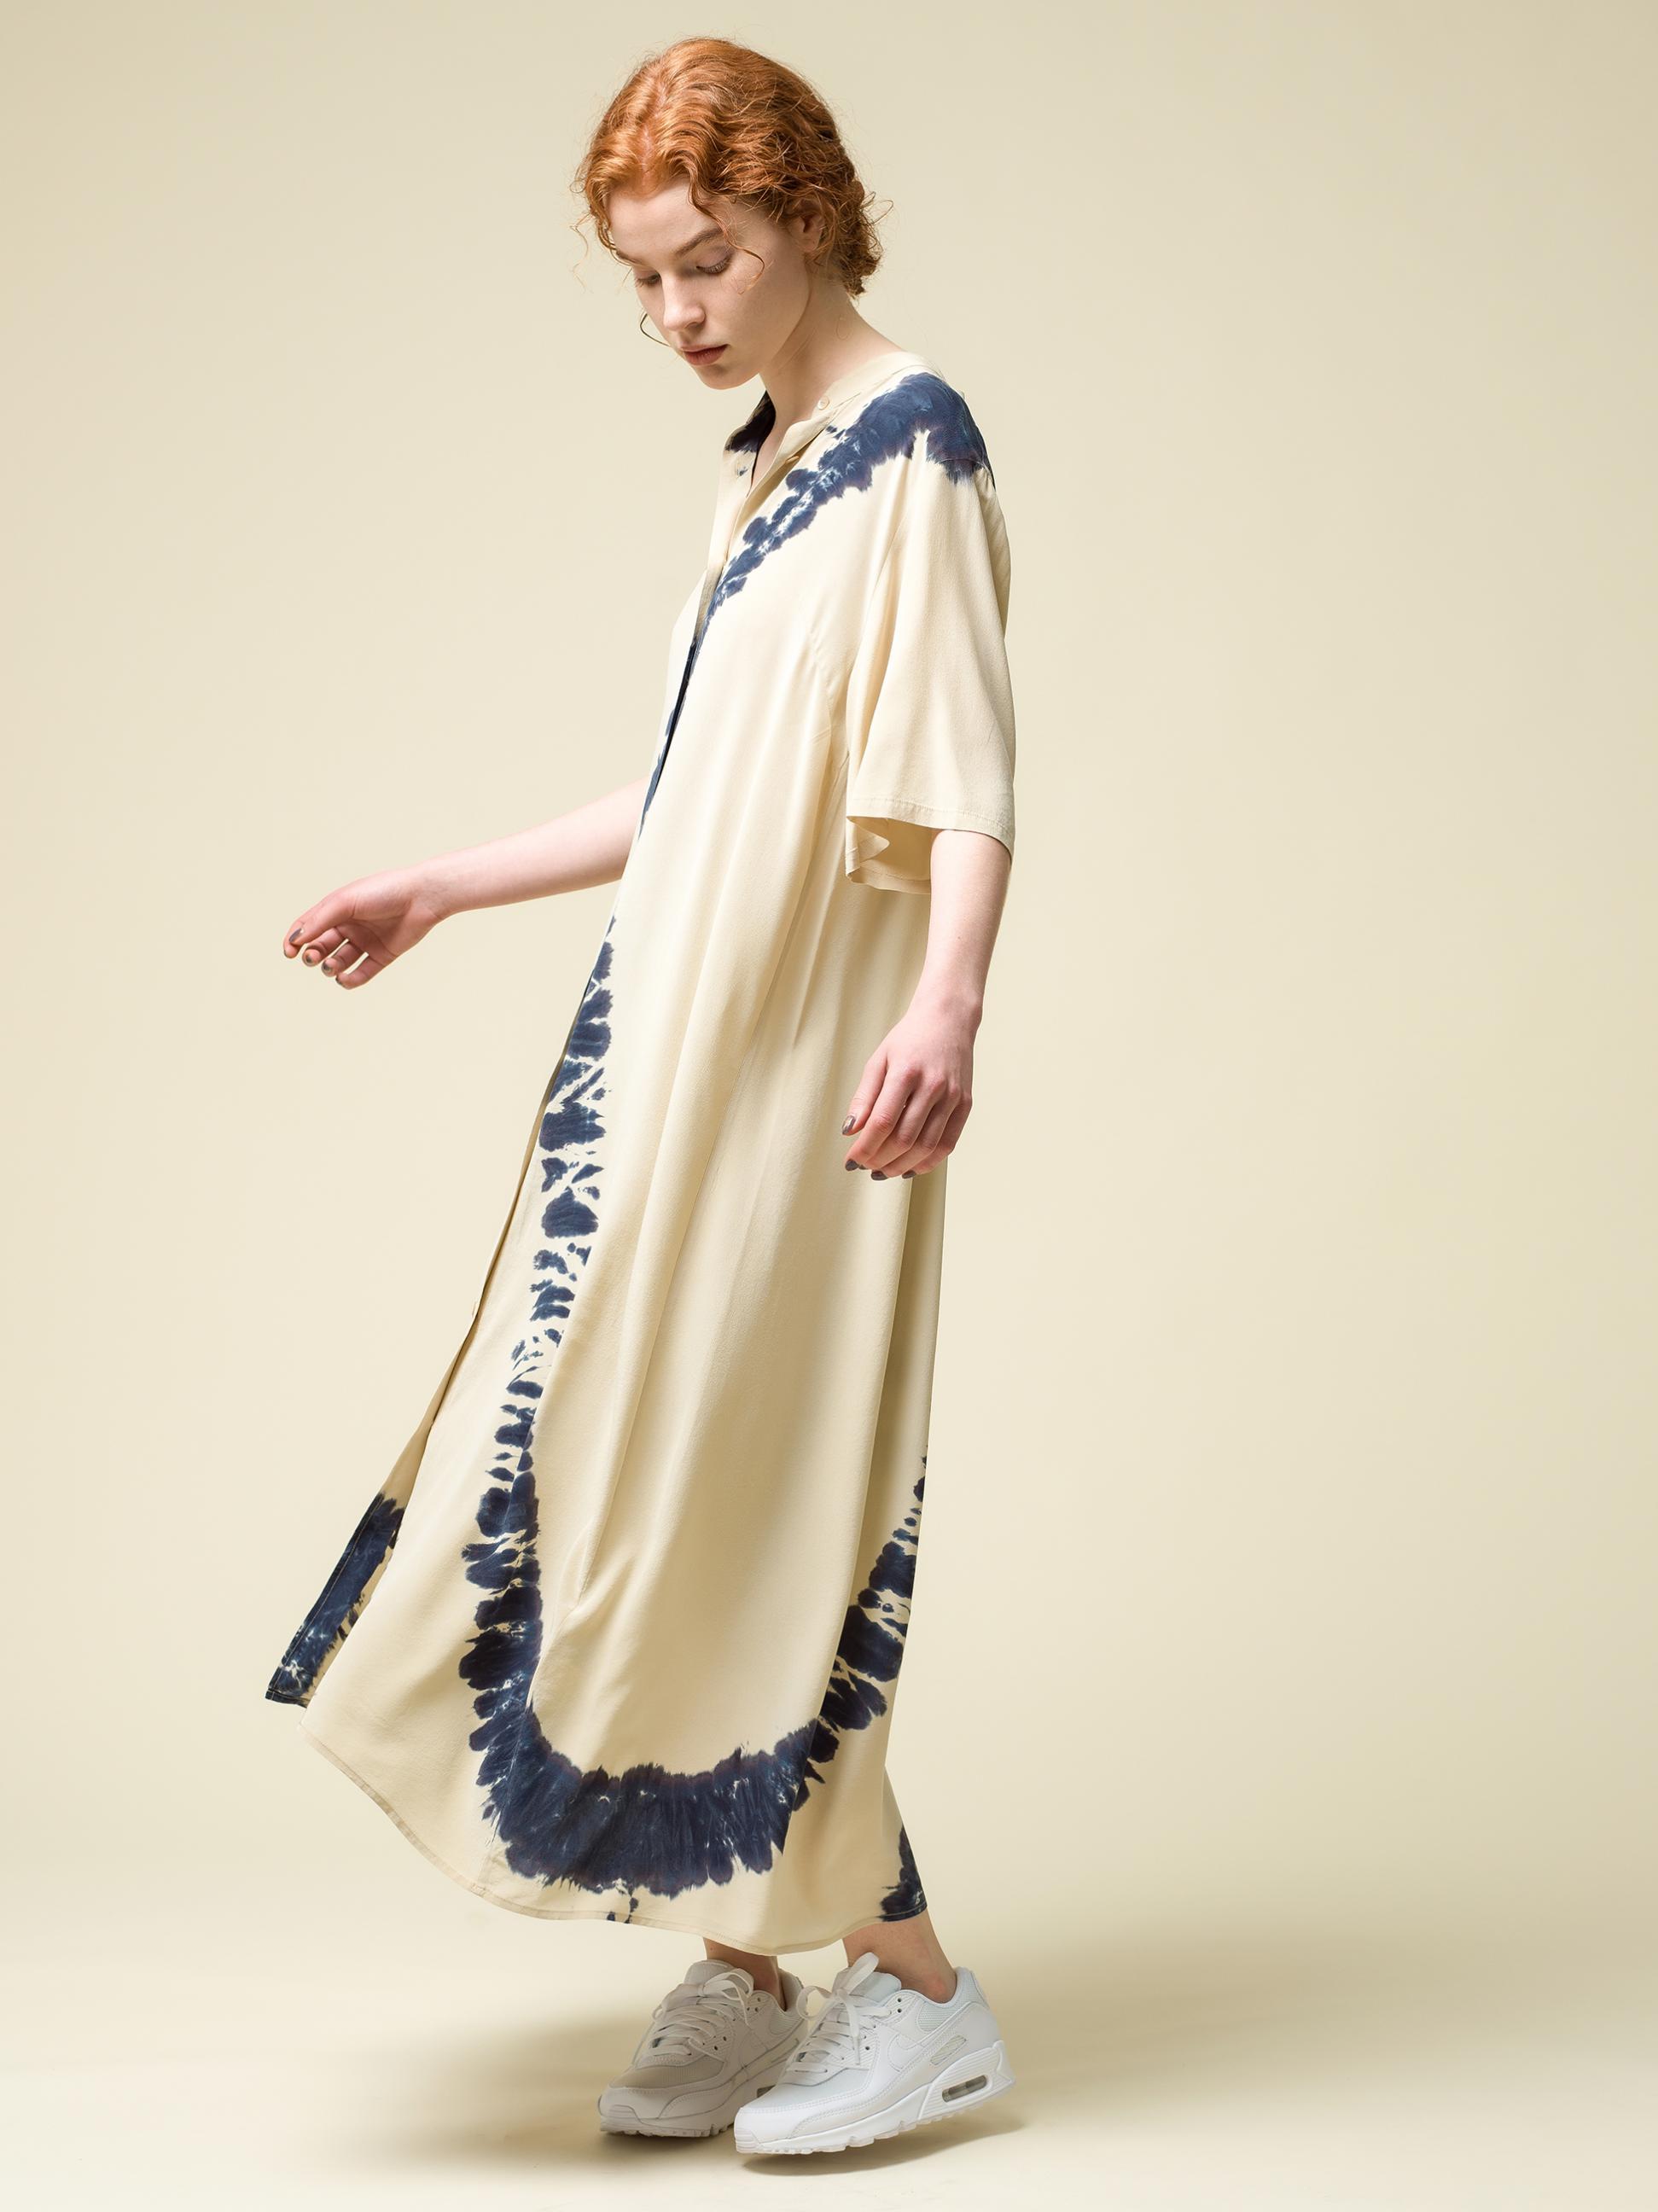 4_2 dress¥56,100 shoes¥13,200